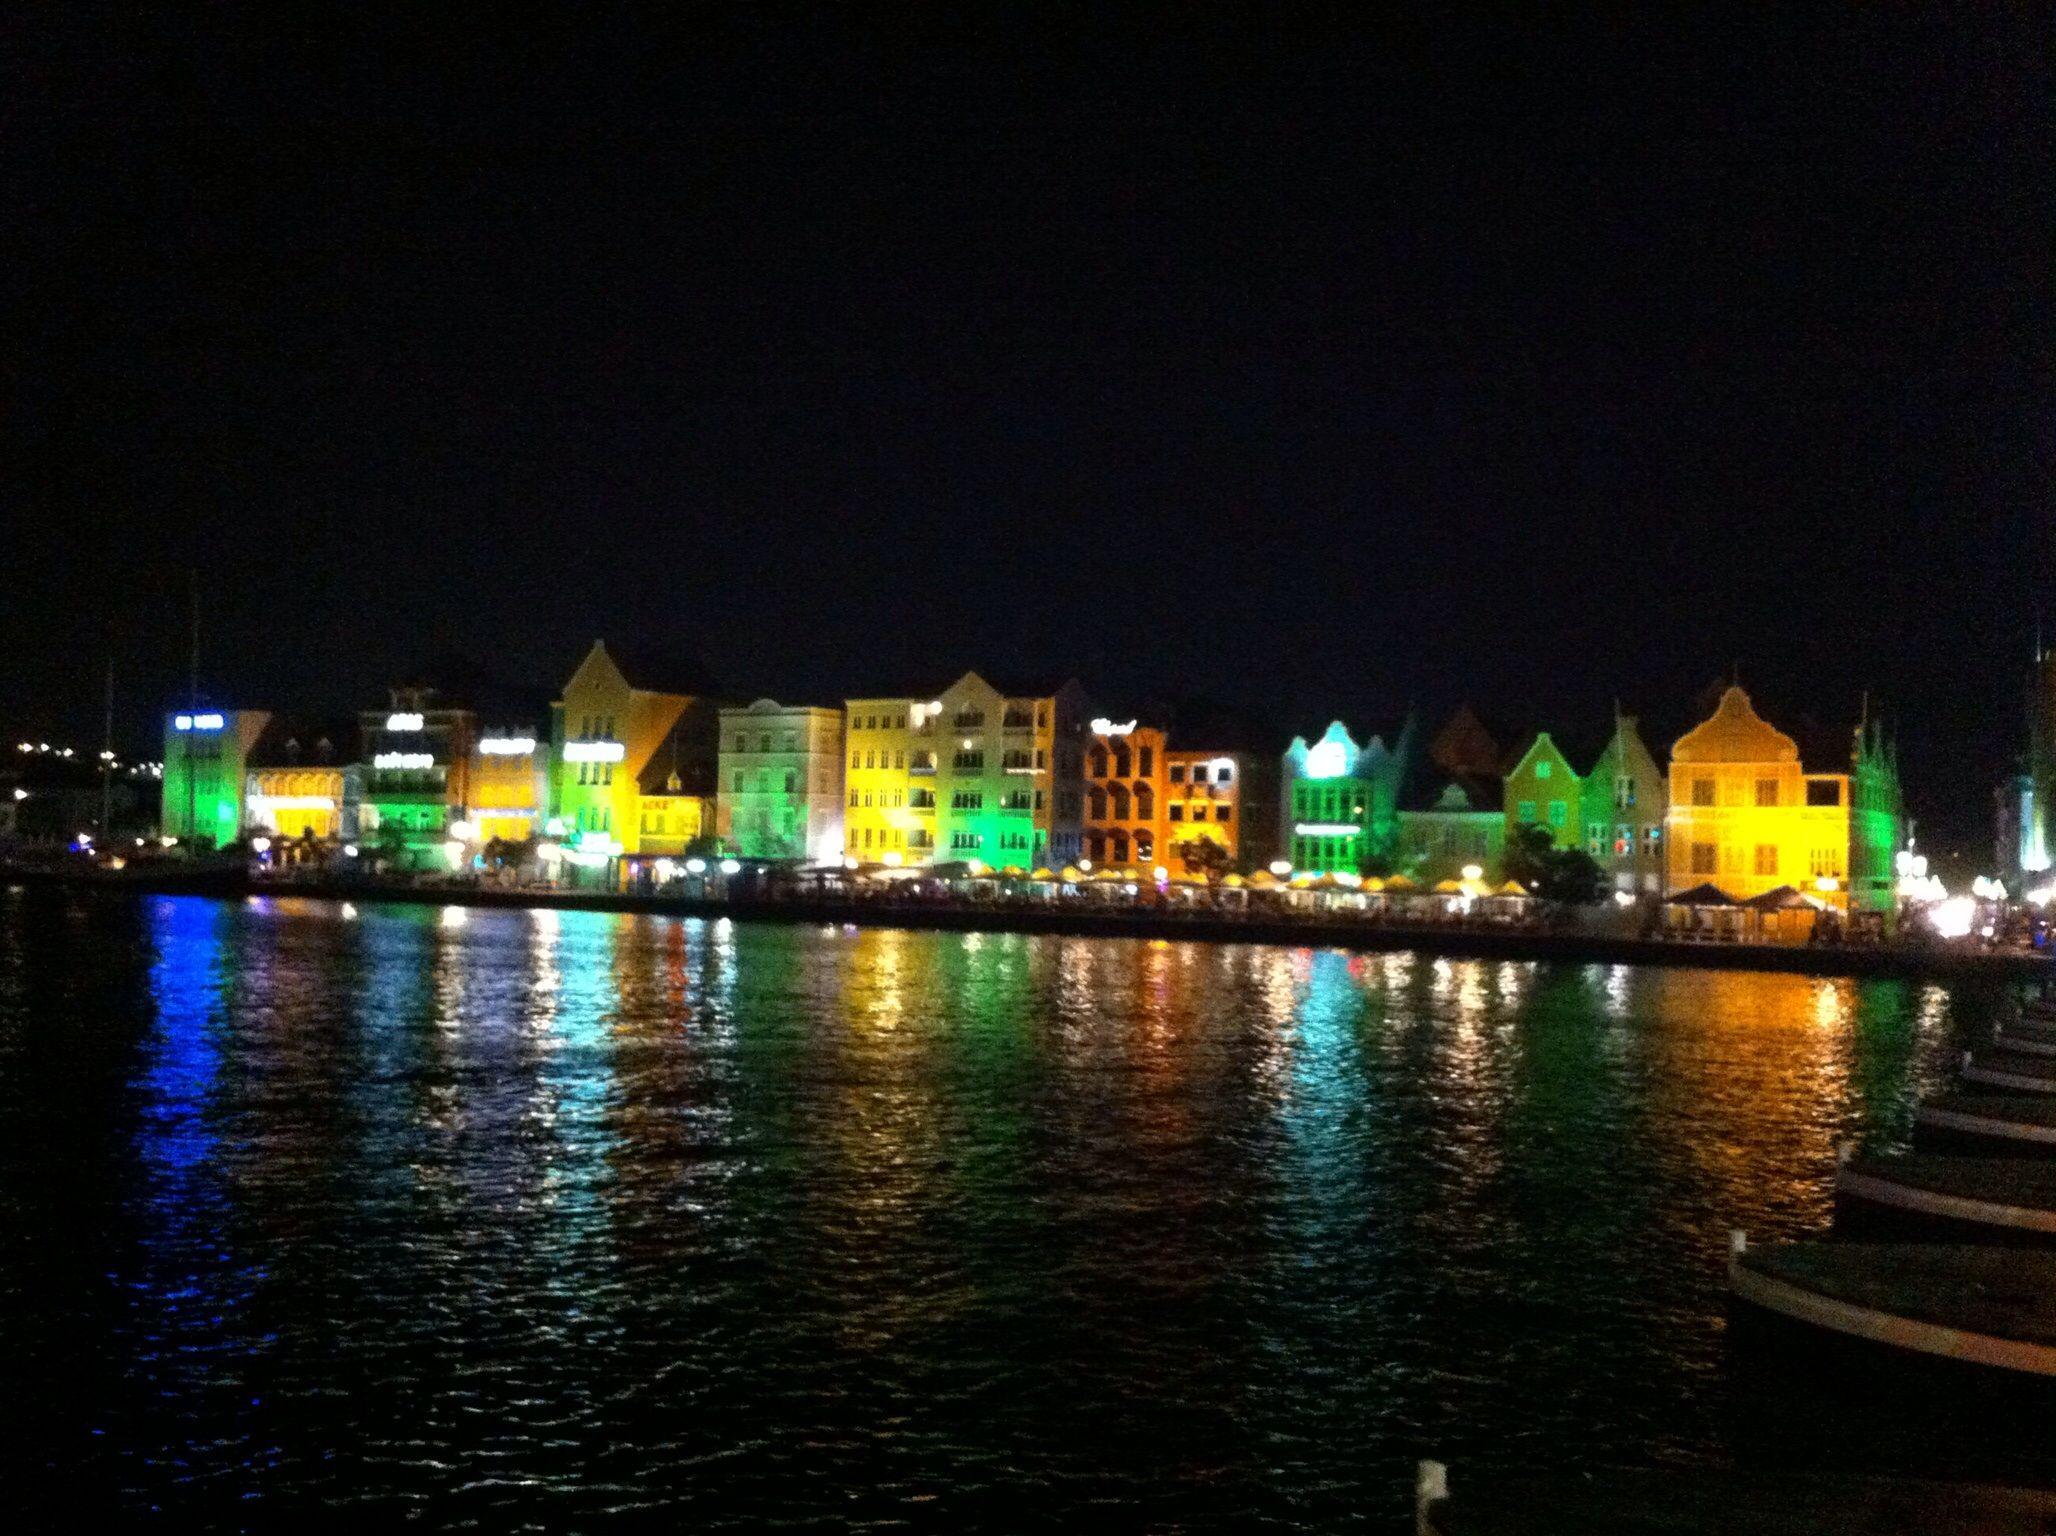 Curaçao at night.